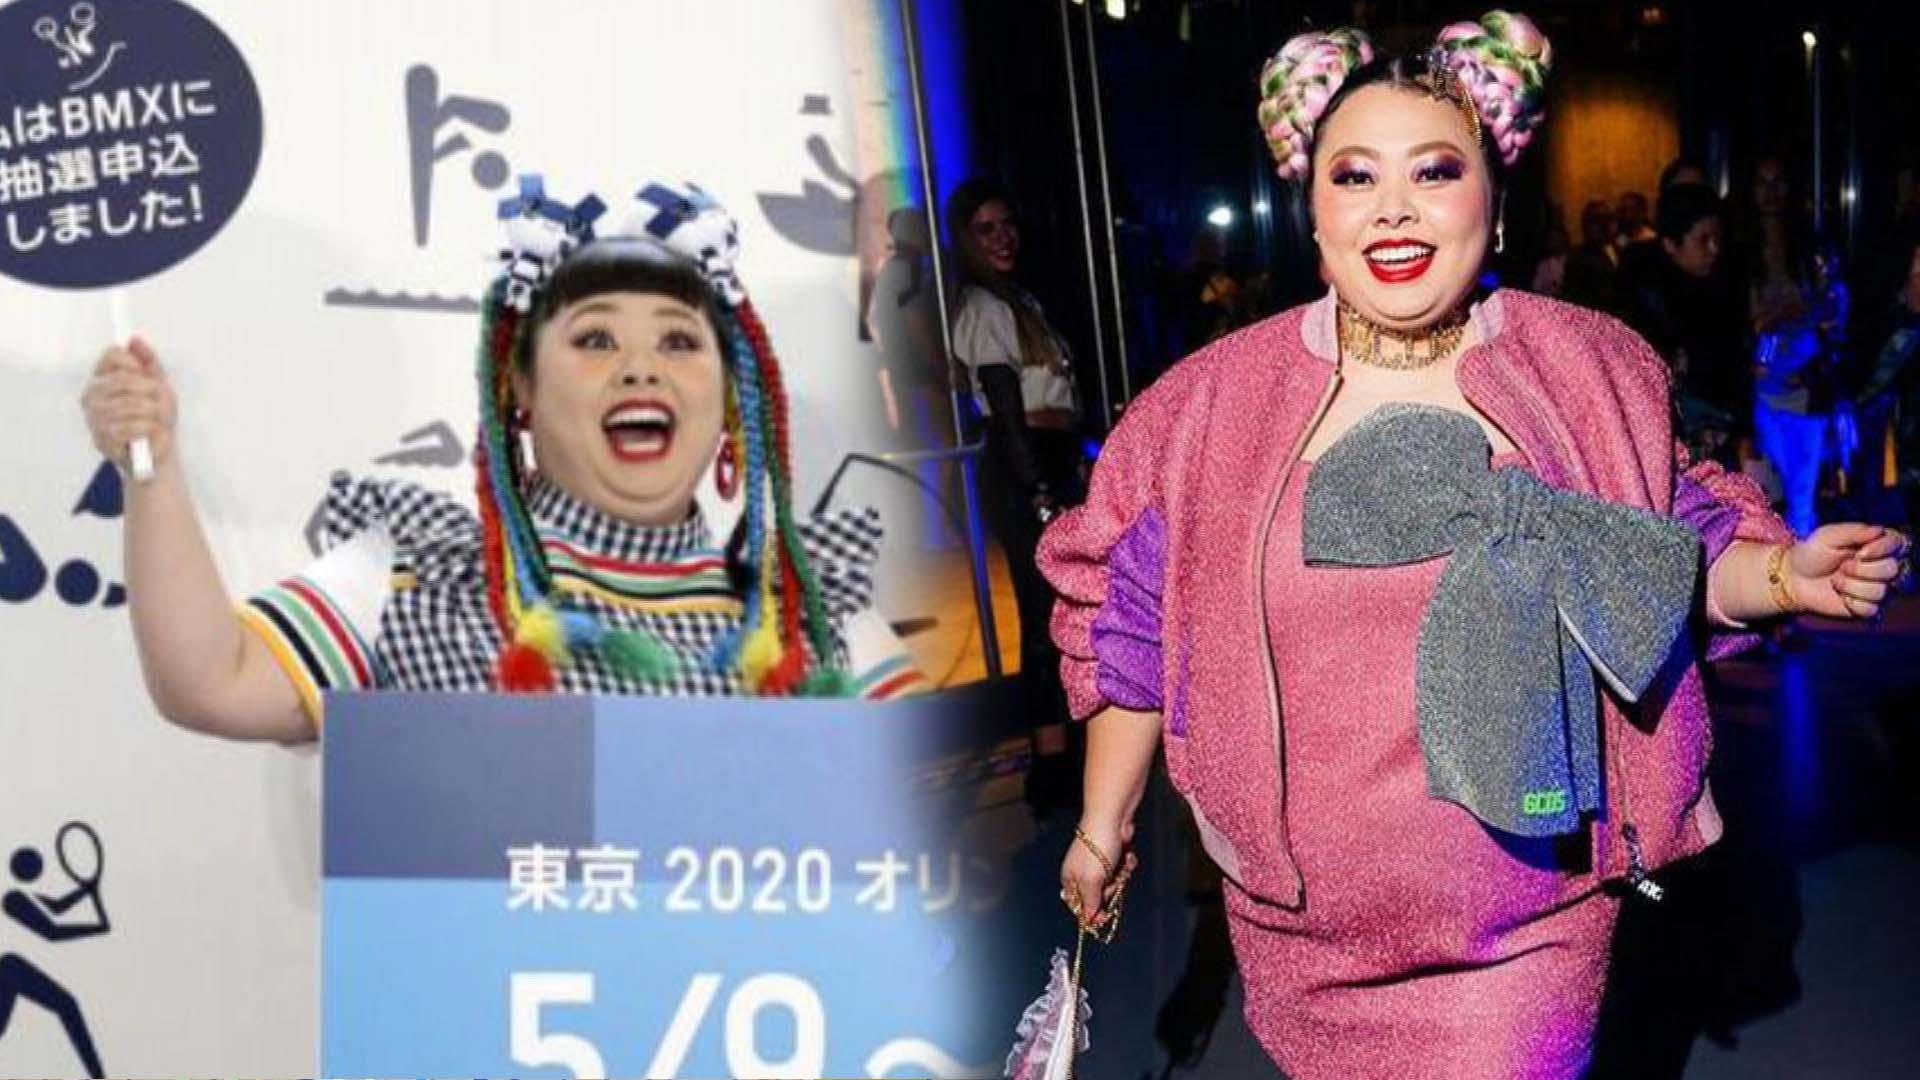 [SNS핫피플] '돼지 화장', '서로 존중해야한다'등 일본 연예인